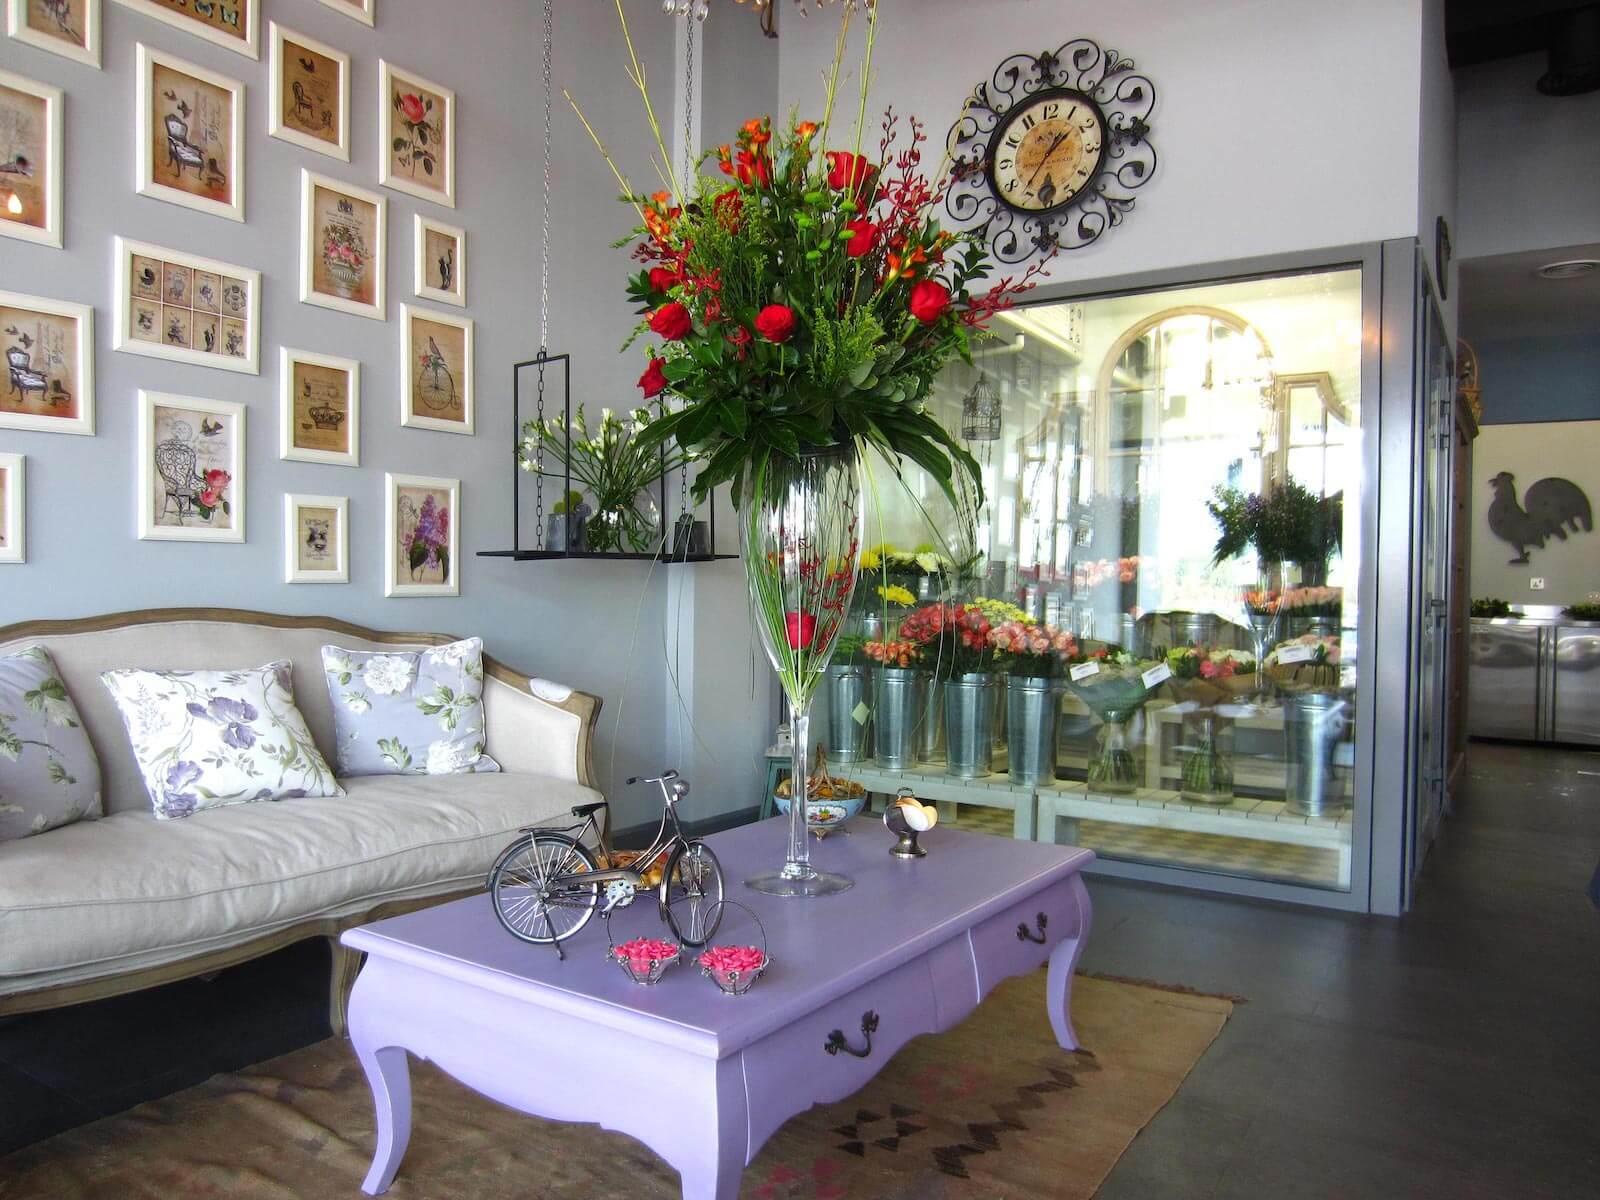 I love mayflower flower shop in dubai for izmirmasajfo